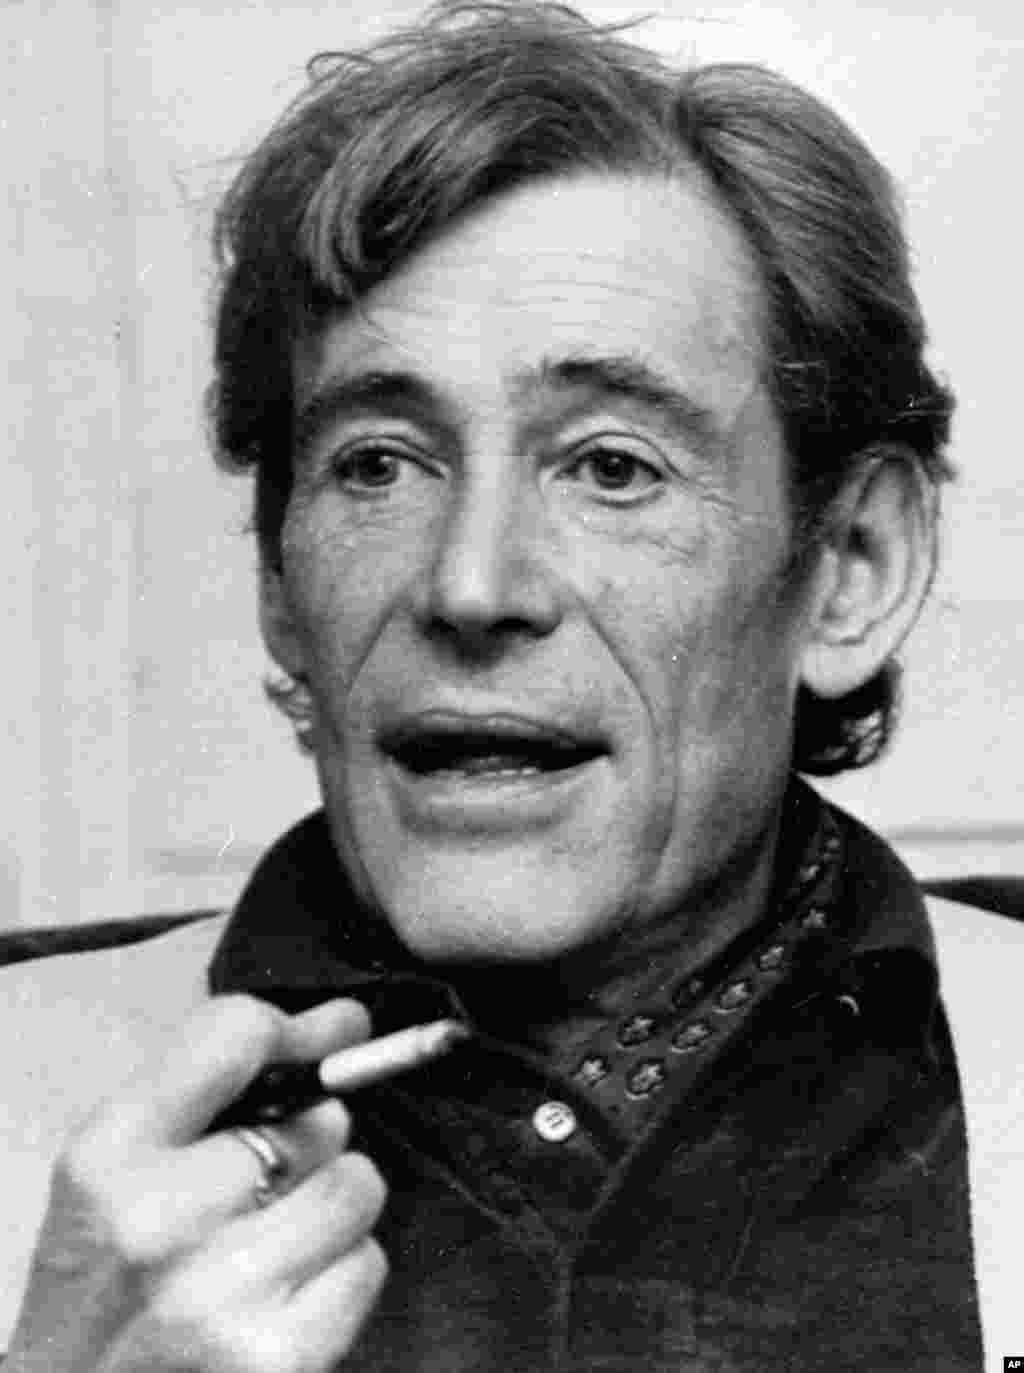 پیتر اوتول، طی مصاحبه با رسانه ها در منزلش در لندن، 23 دسامبر 1980